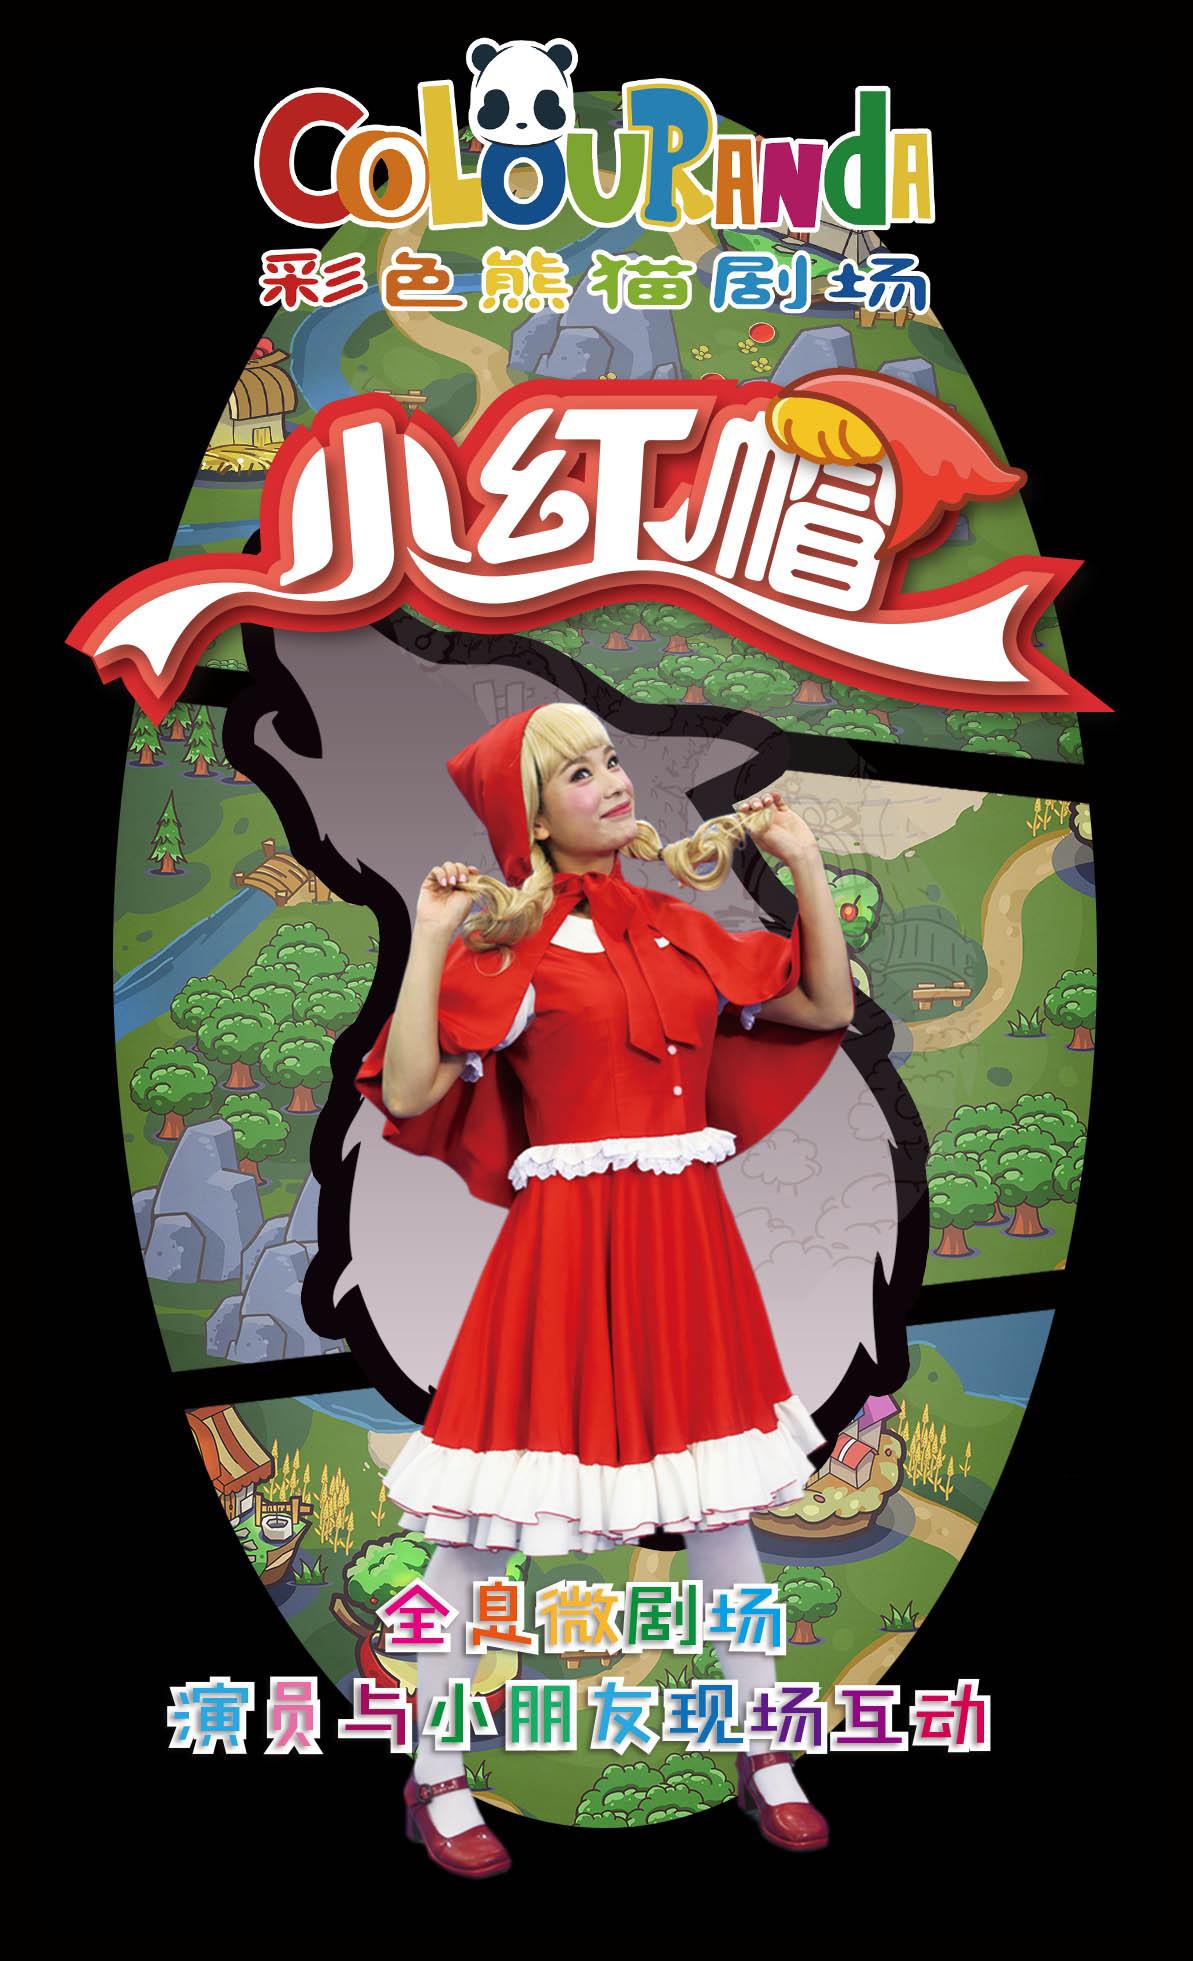 彩色熊猫剧场儿童剧《小红帽》成都站